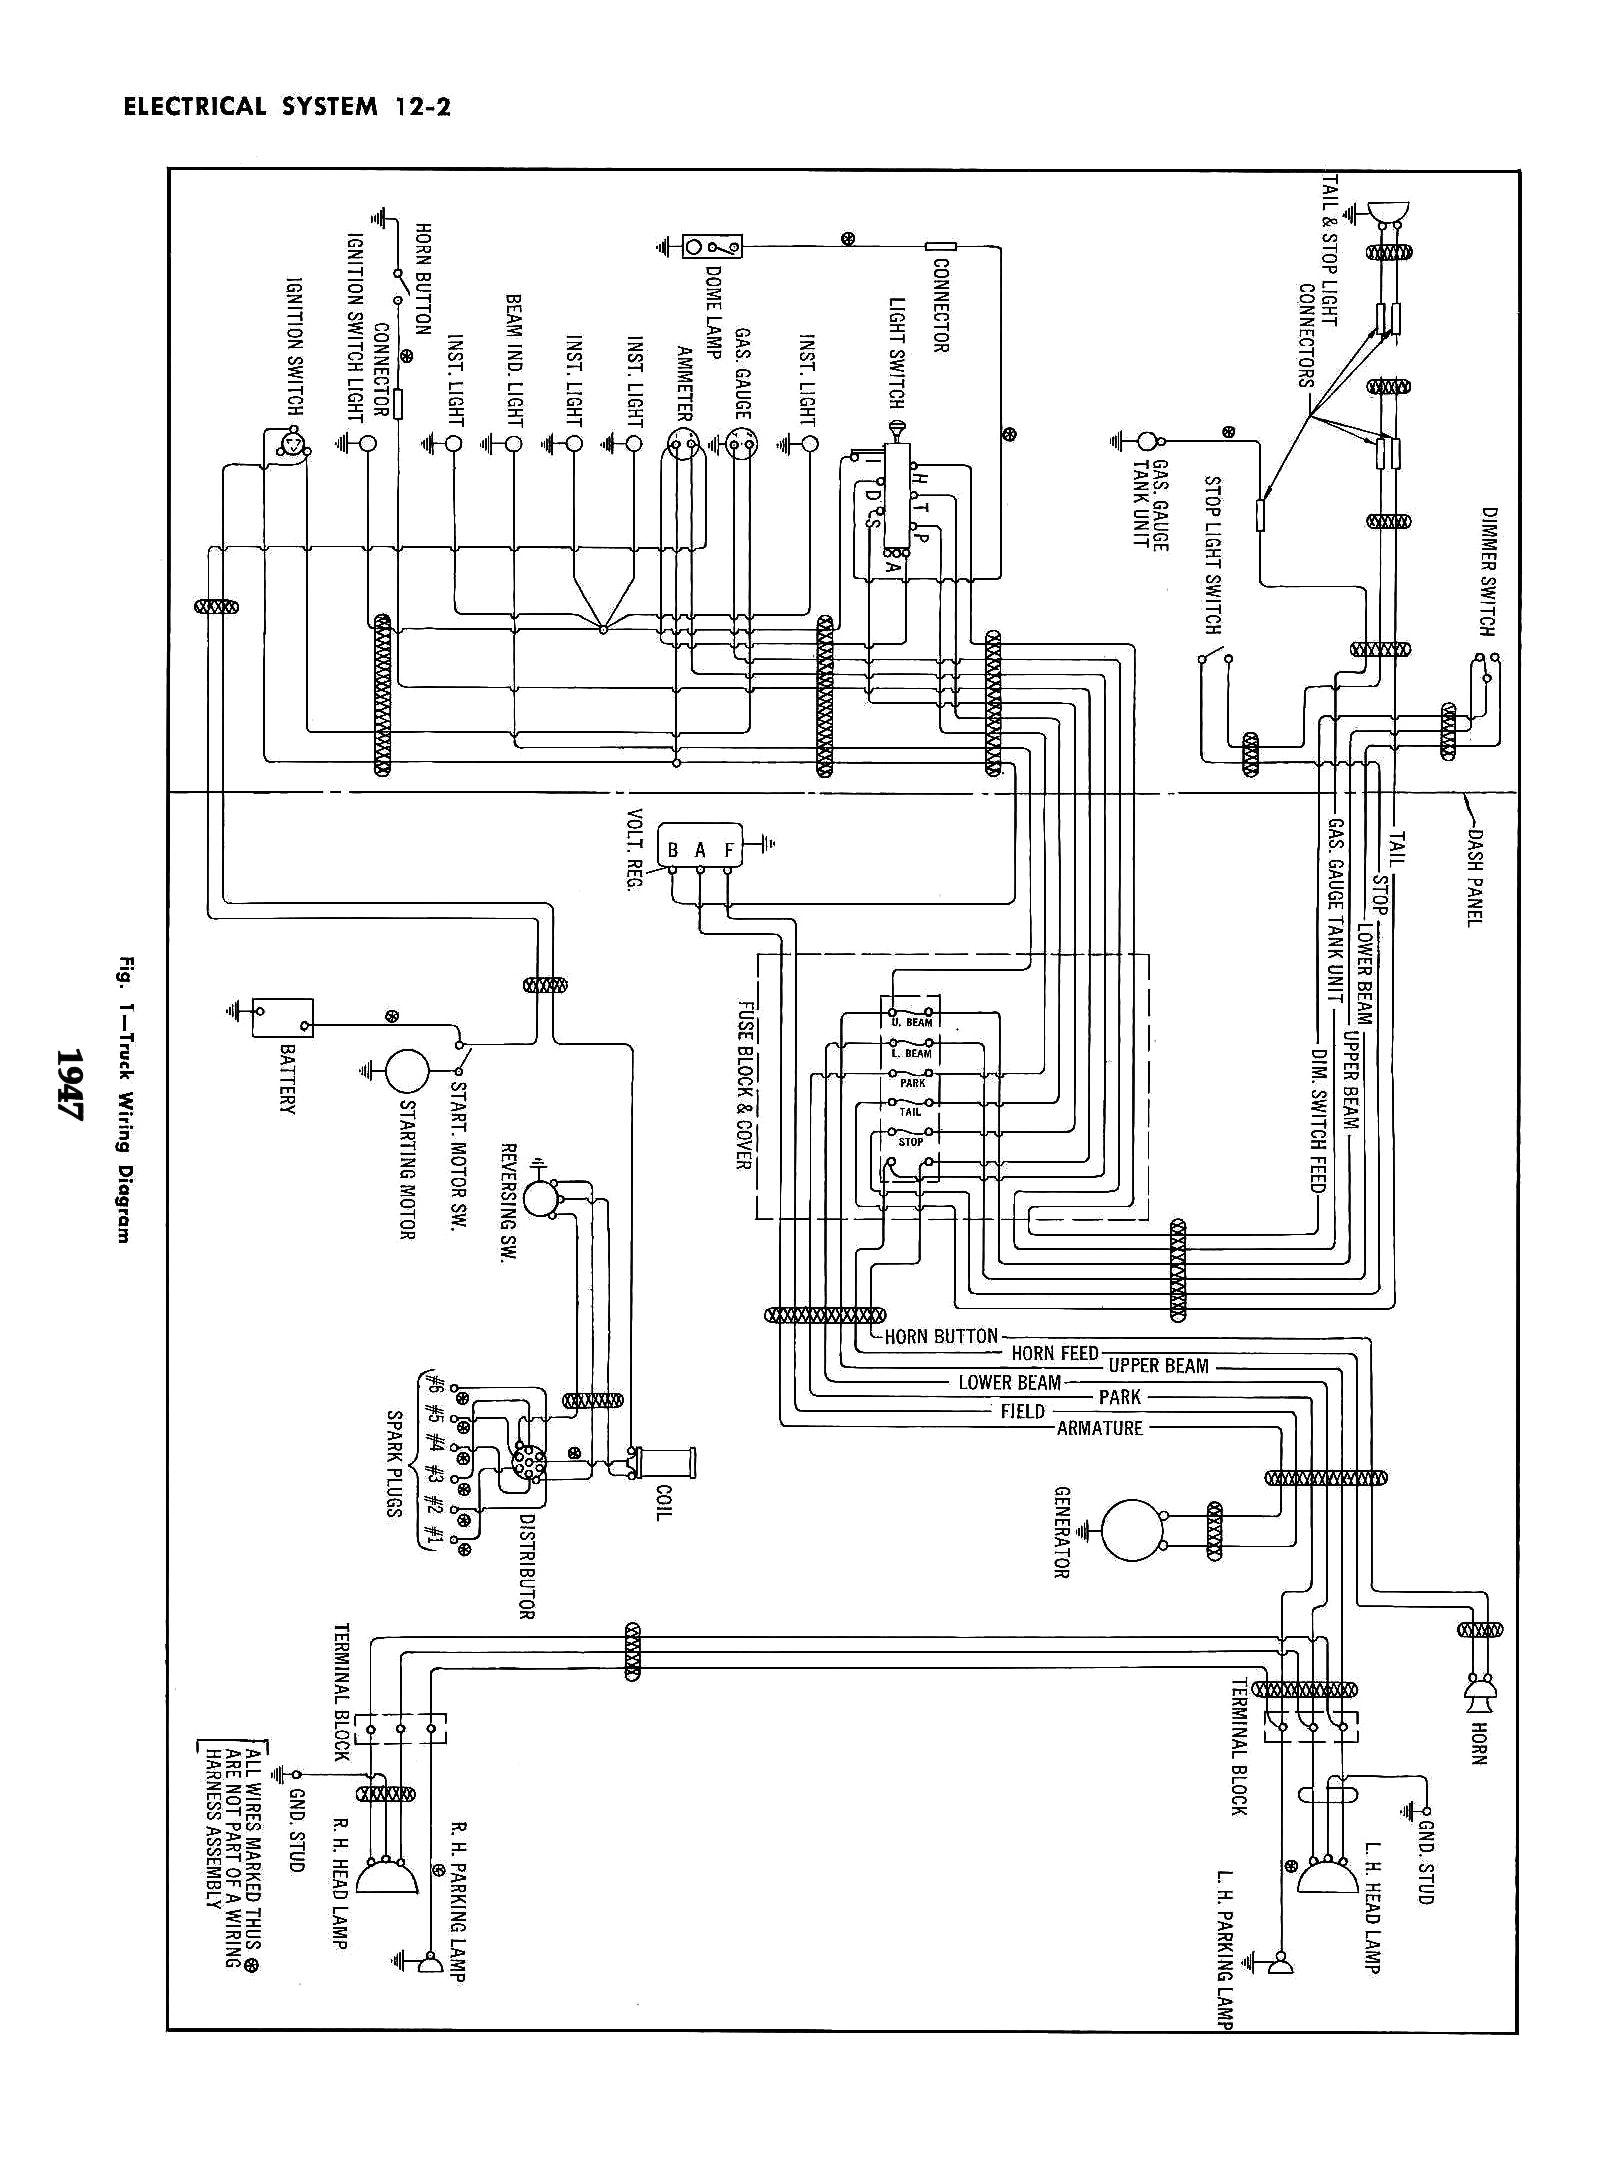 Tk 8194  Chevy Blazer Wiring Diagram 2000 Chevy Blazer